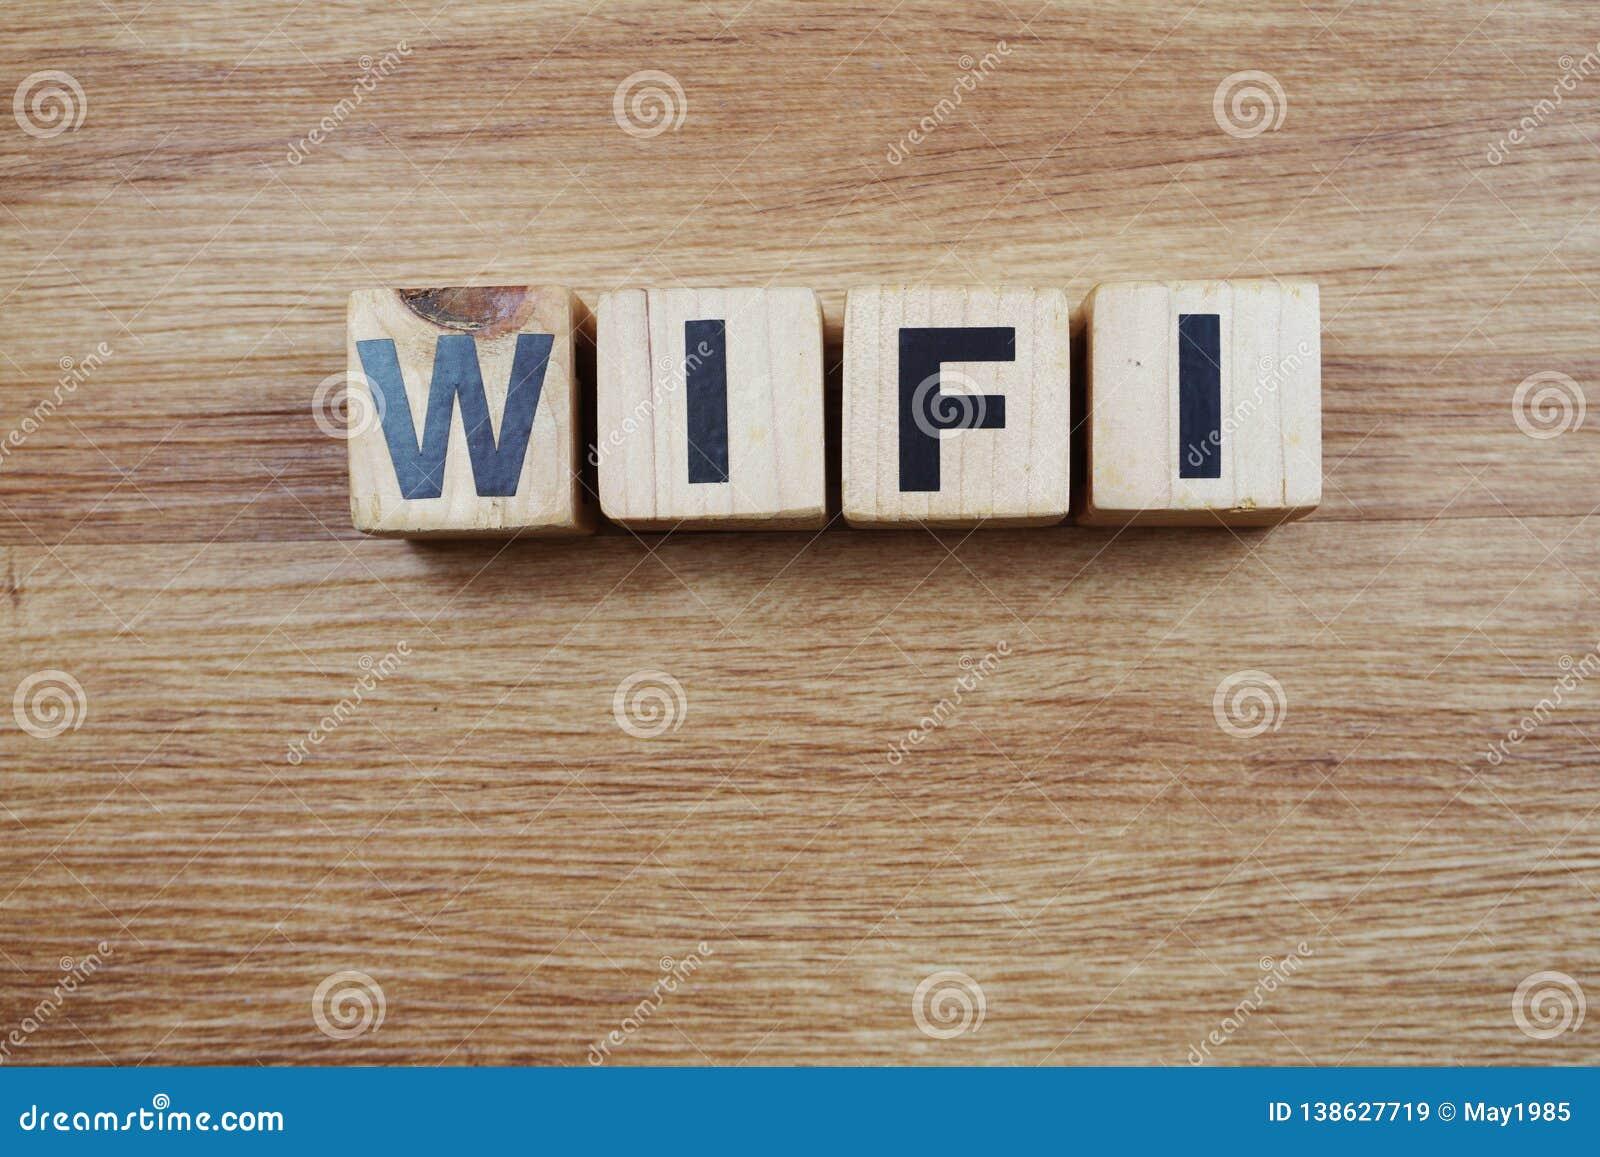 用木块做的Wifi词顶视图